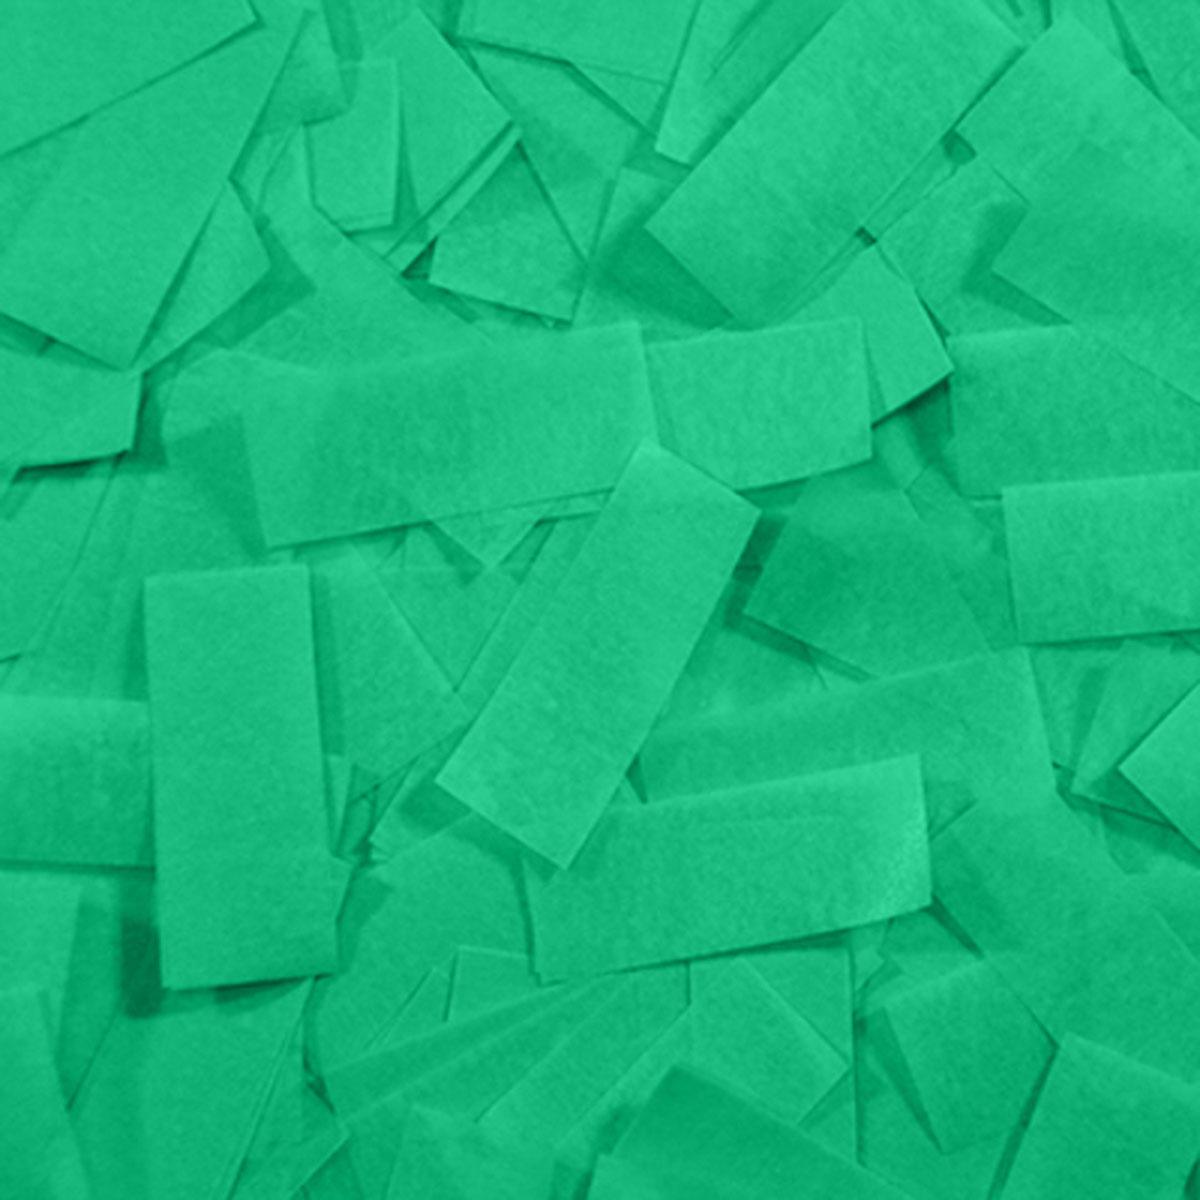 Бумага для шоу папиросная (тишью) Лайт Конфетти зеленая